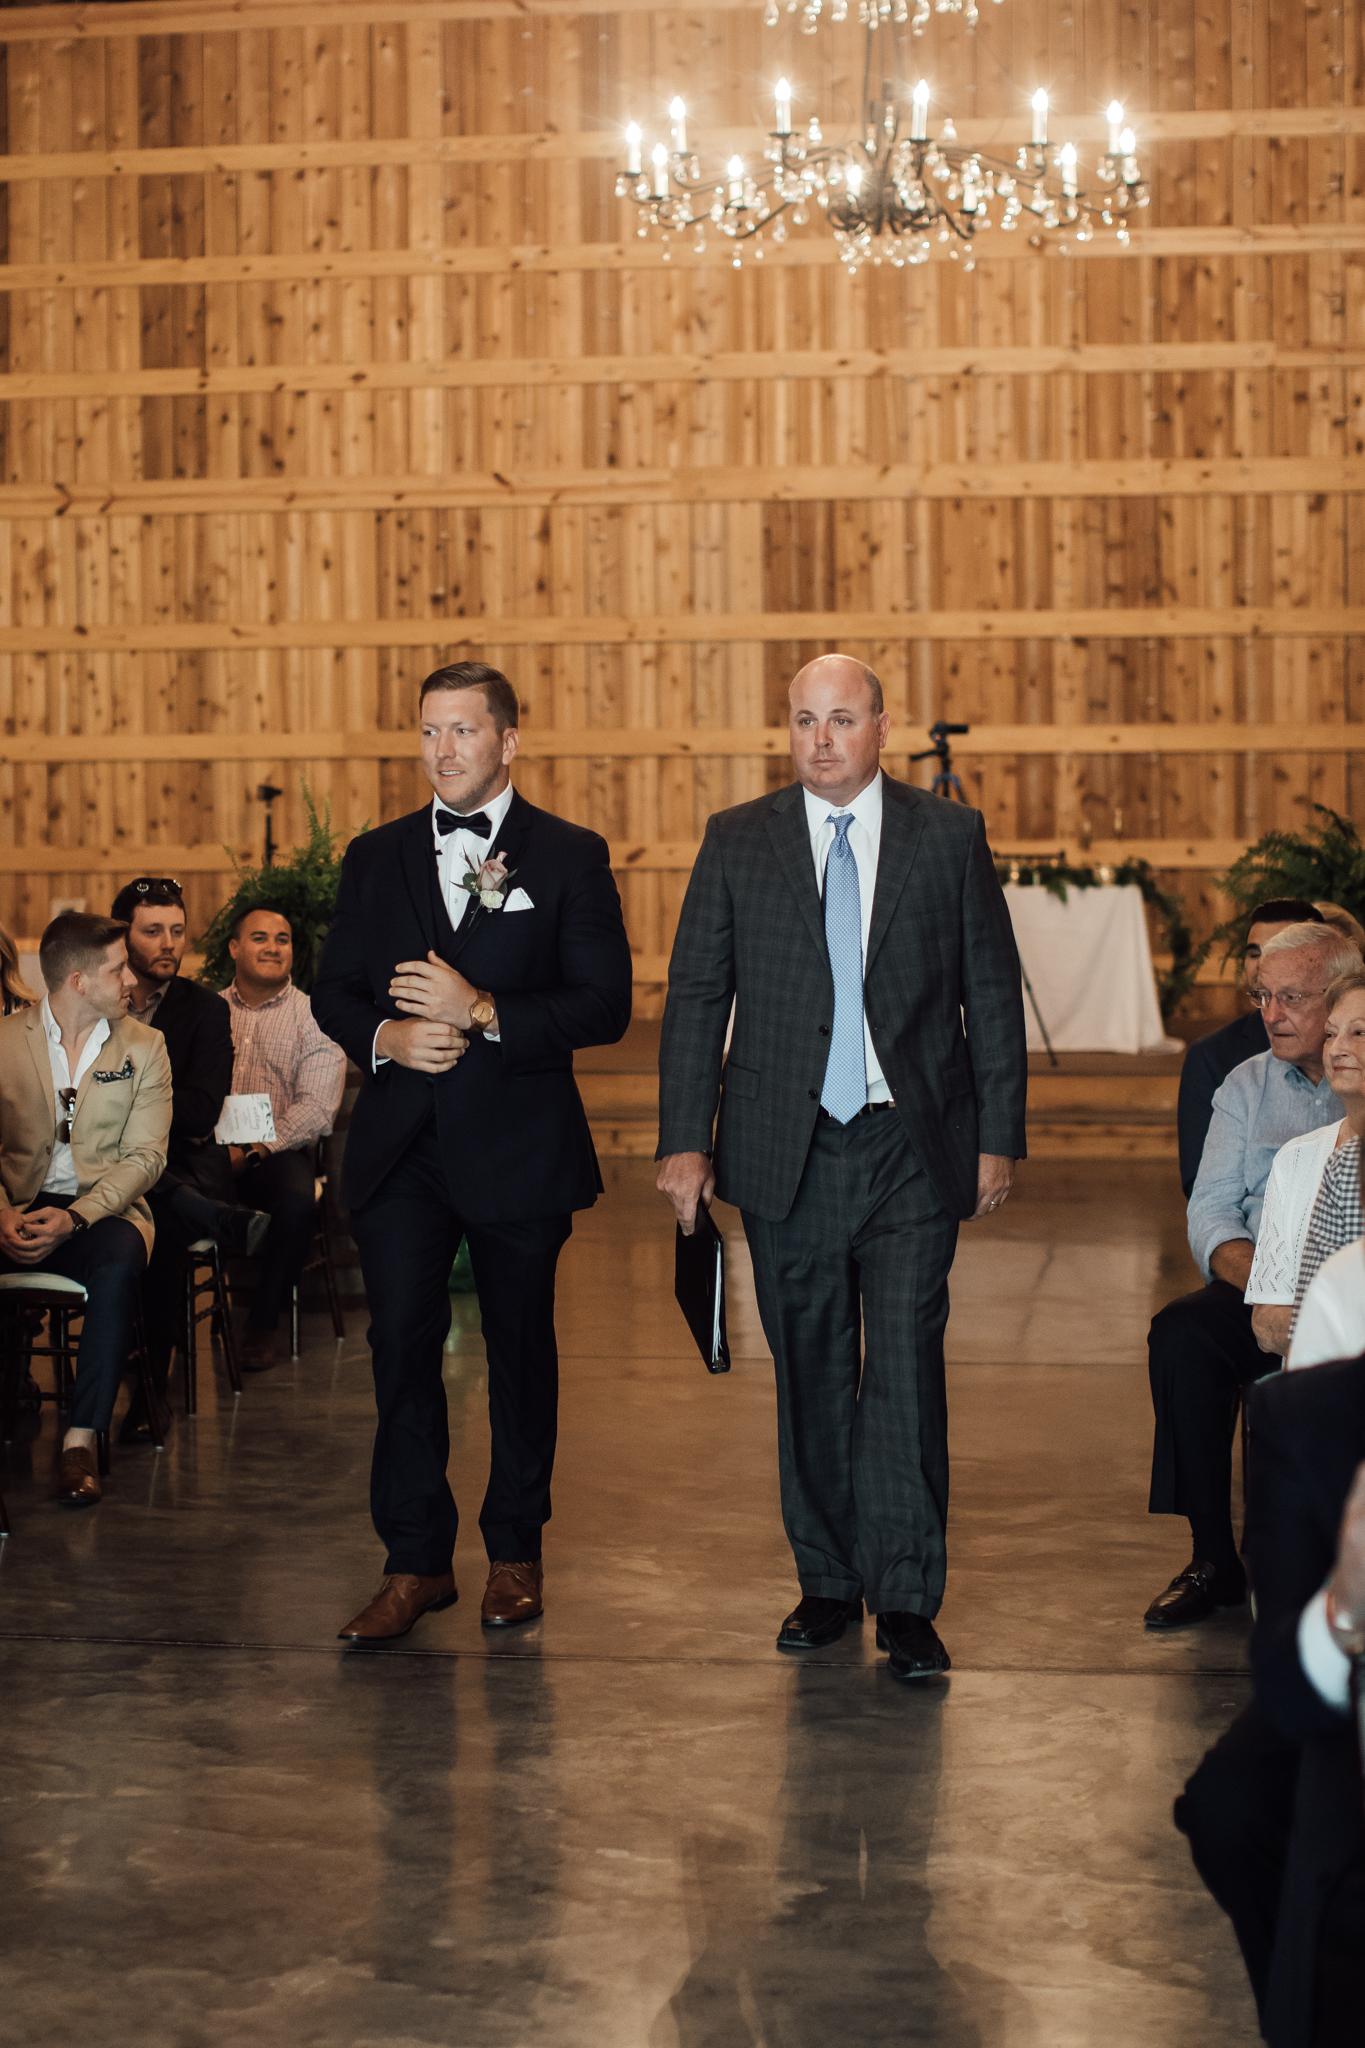 saddlewoodsfarms-nashville-wedding-photographer-thewarmtharoundyou-rustic-wedding (8 of 251).jpg